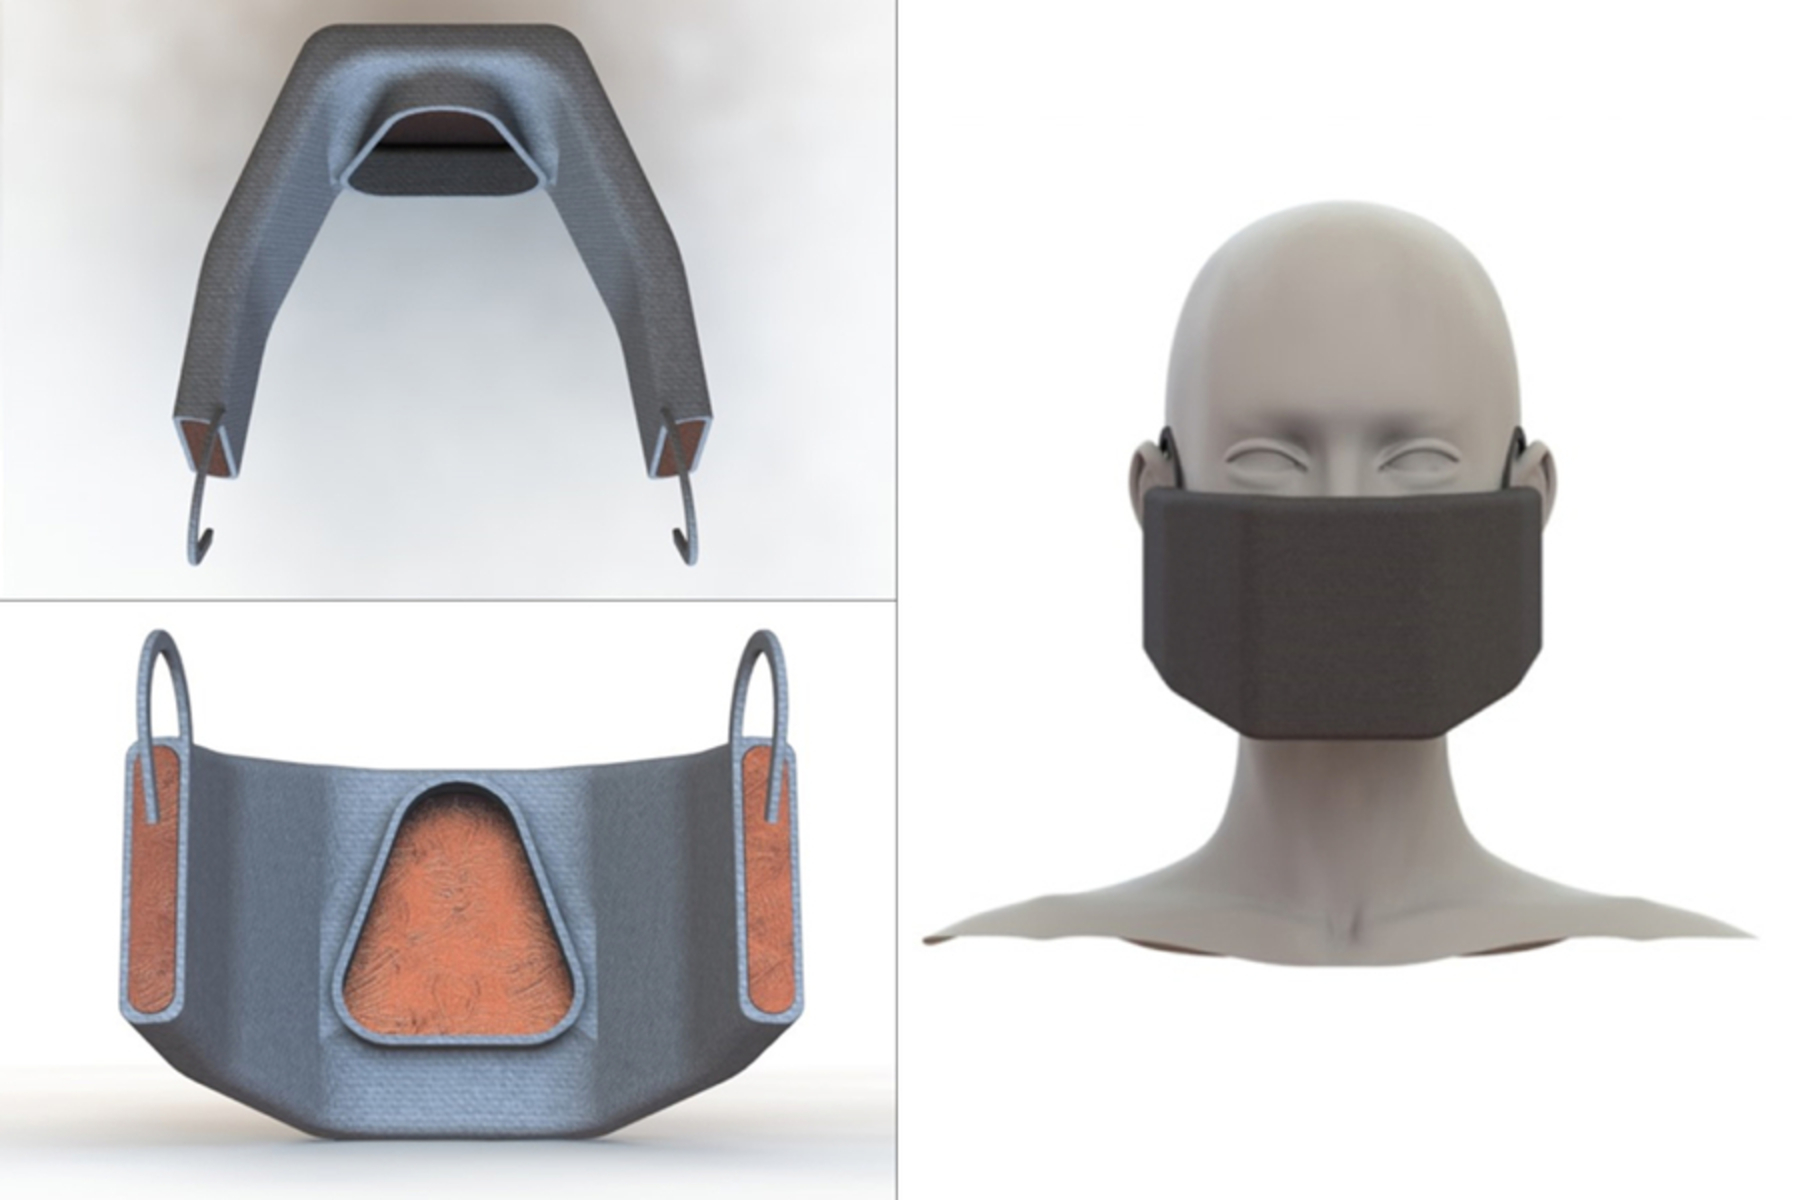 Μάσκες Κορωνοϊός: Το ΜΙΤ κατασκευάζει μάσκα που εξοντώνει τον Covid 19